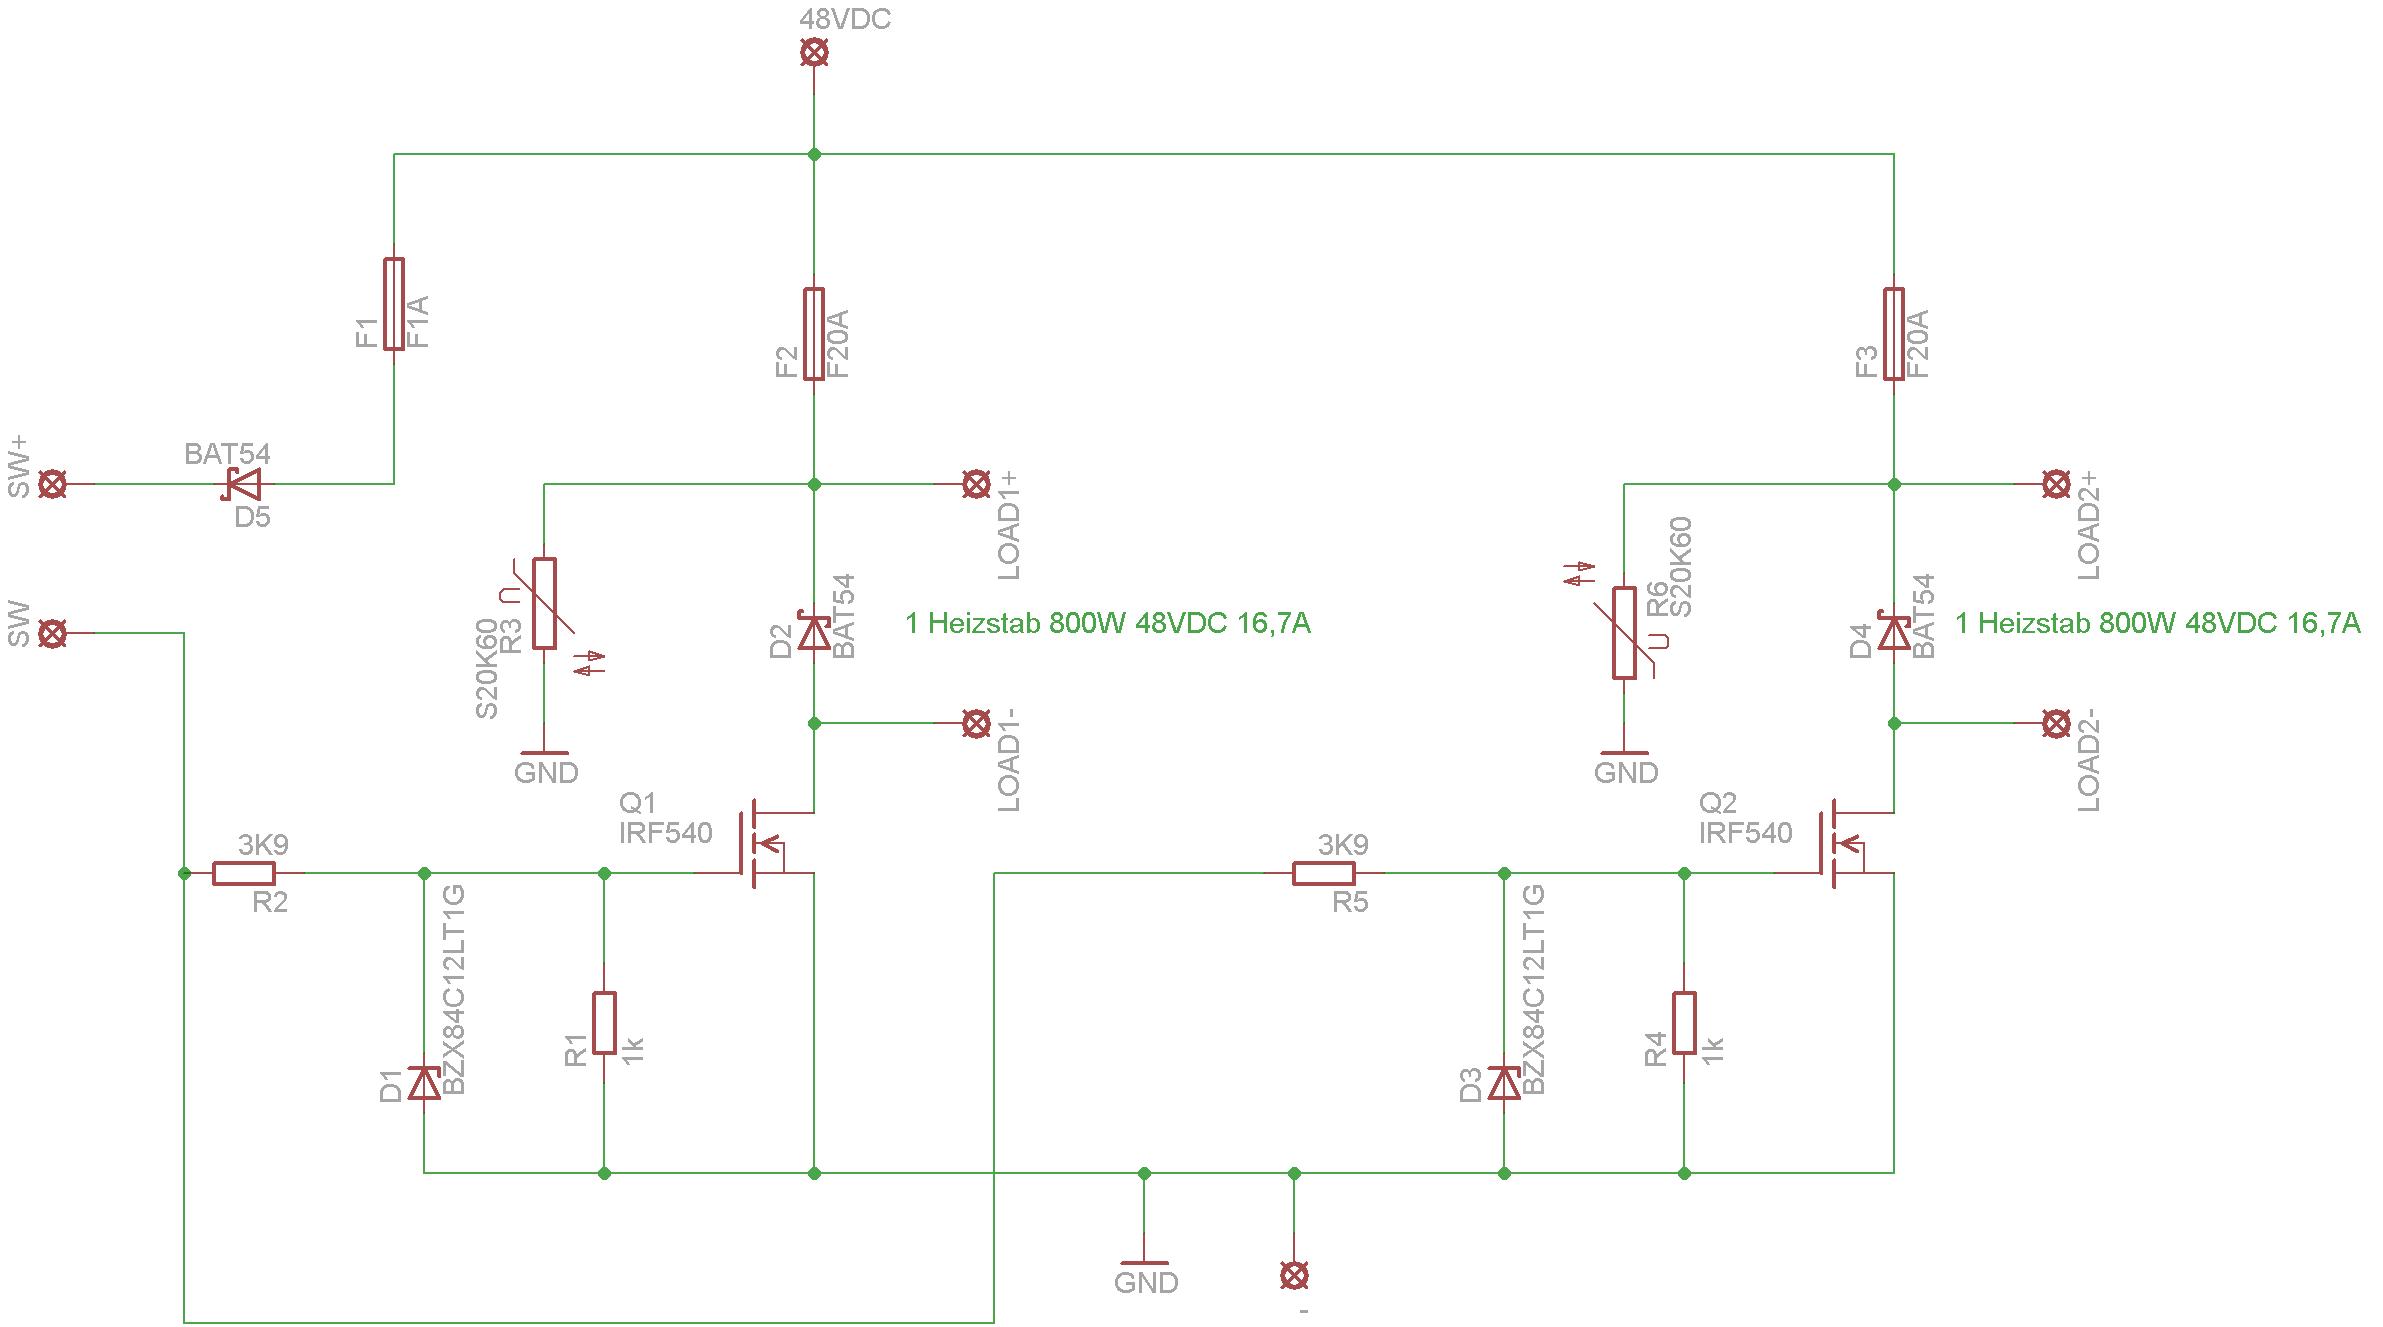 48V 17A mit Mosfet schalten -> Schaltung so korrekt ...